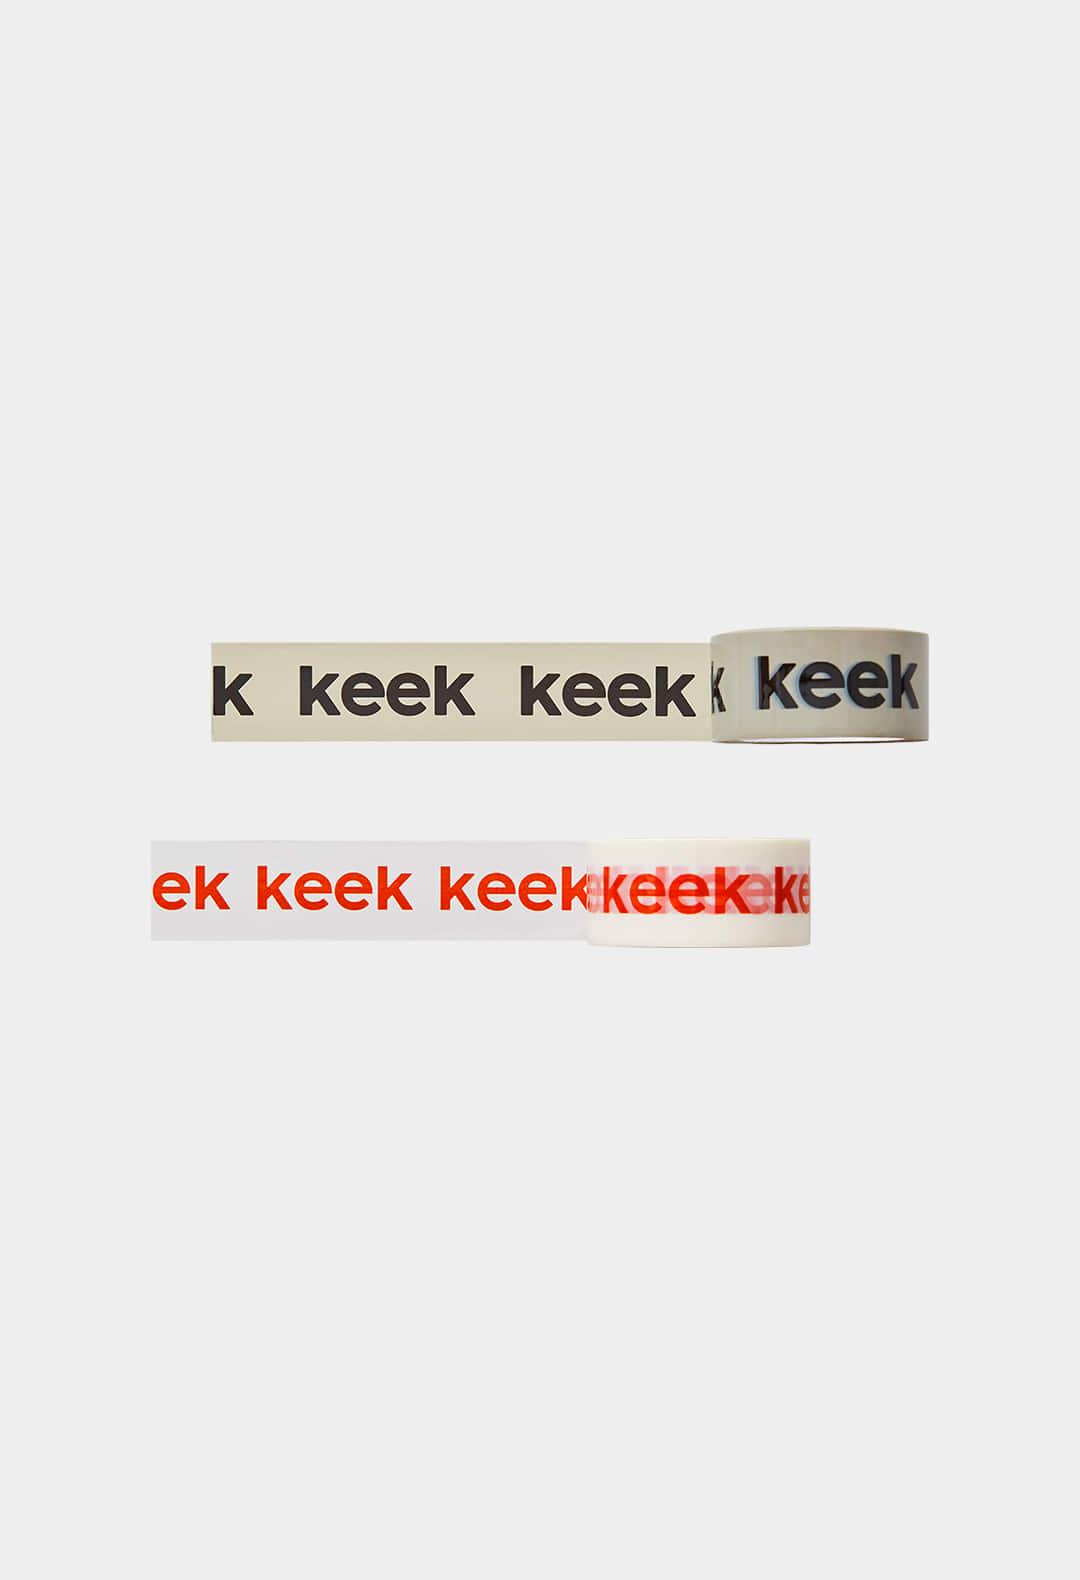 keek keek Logo Tape 스트릿패션 유니섹스브랜드 커플시밀러룩 남자쇼핑몰 여성의류쇼핑몰 후드티 힙색